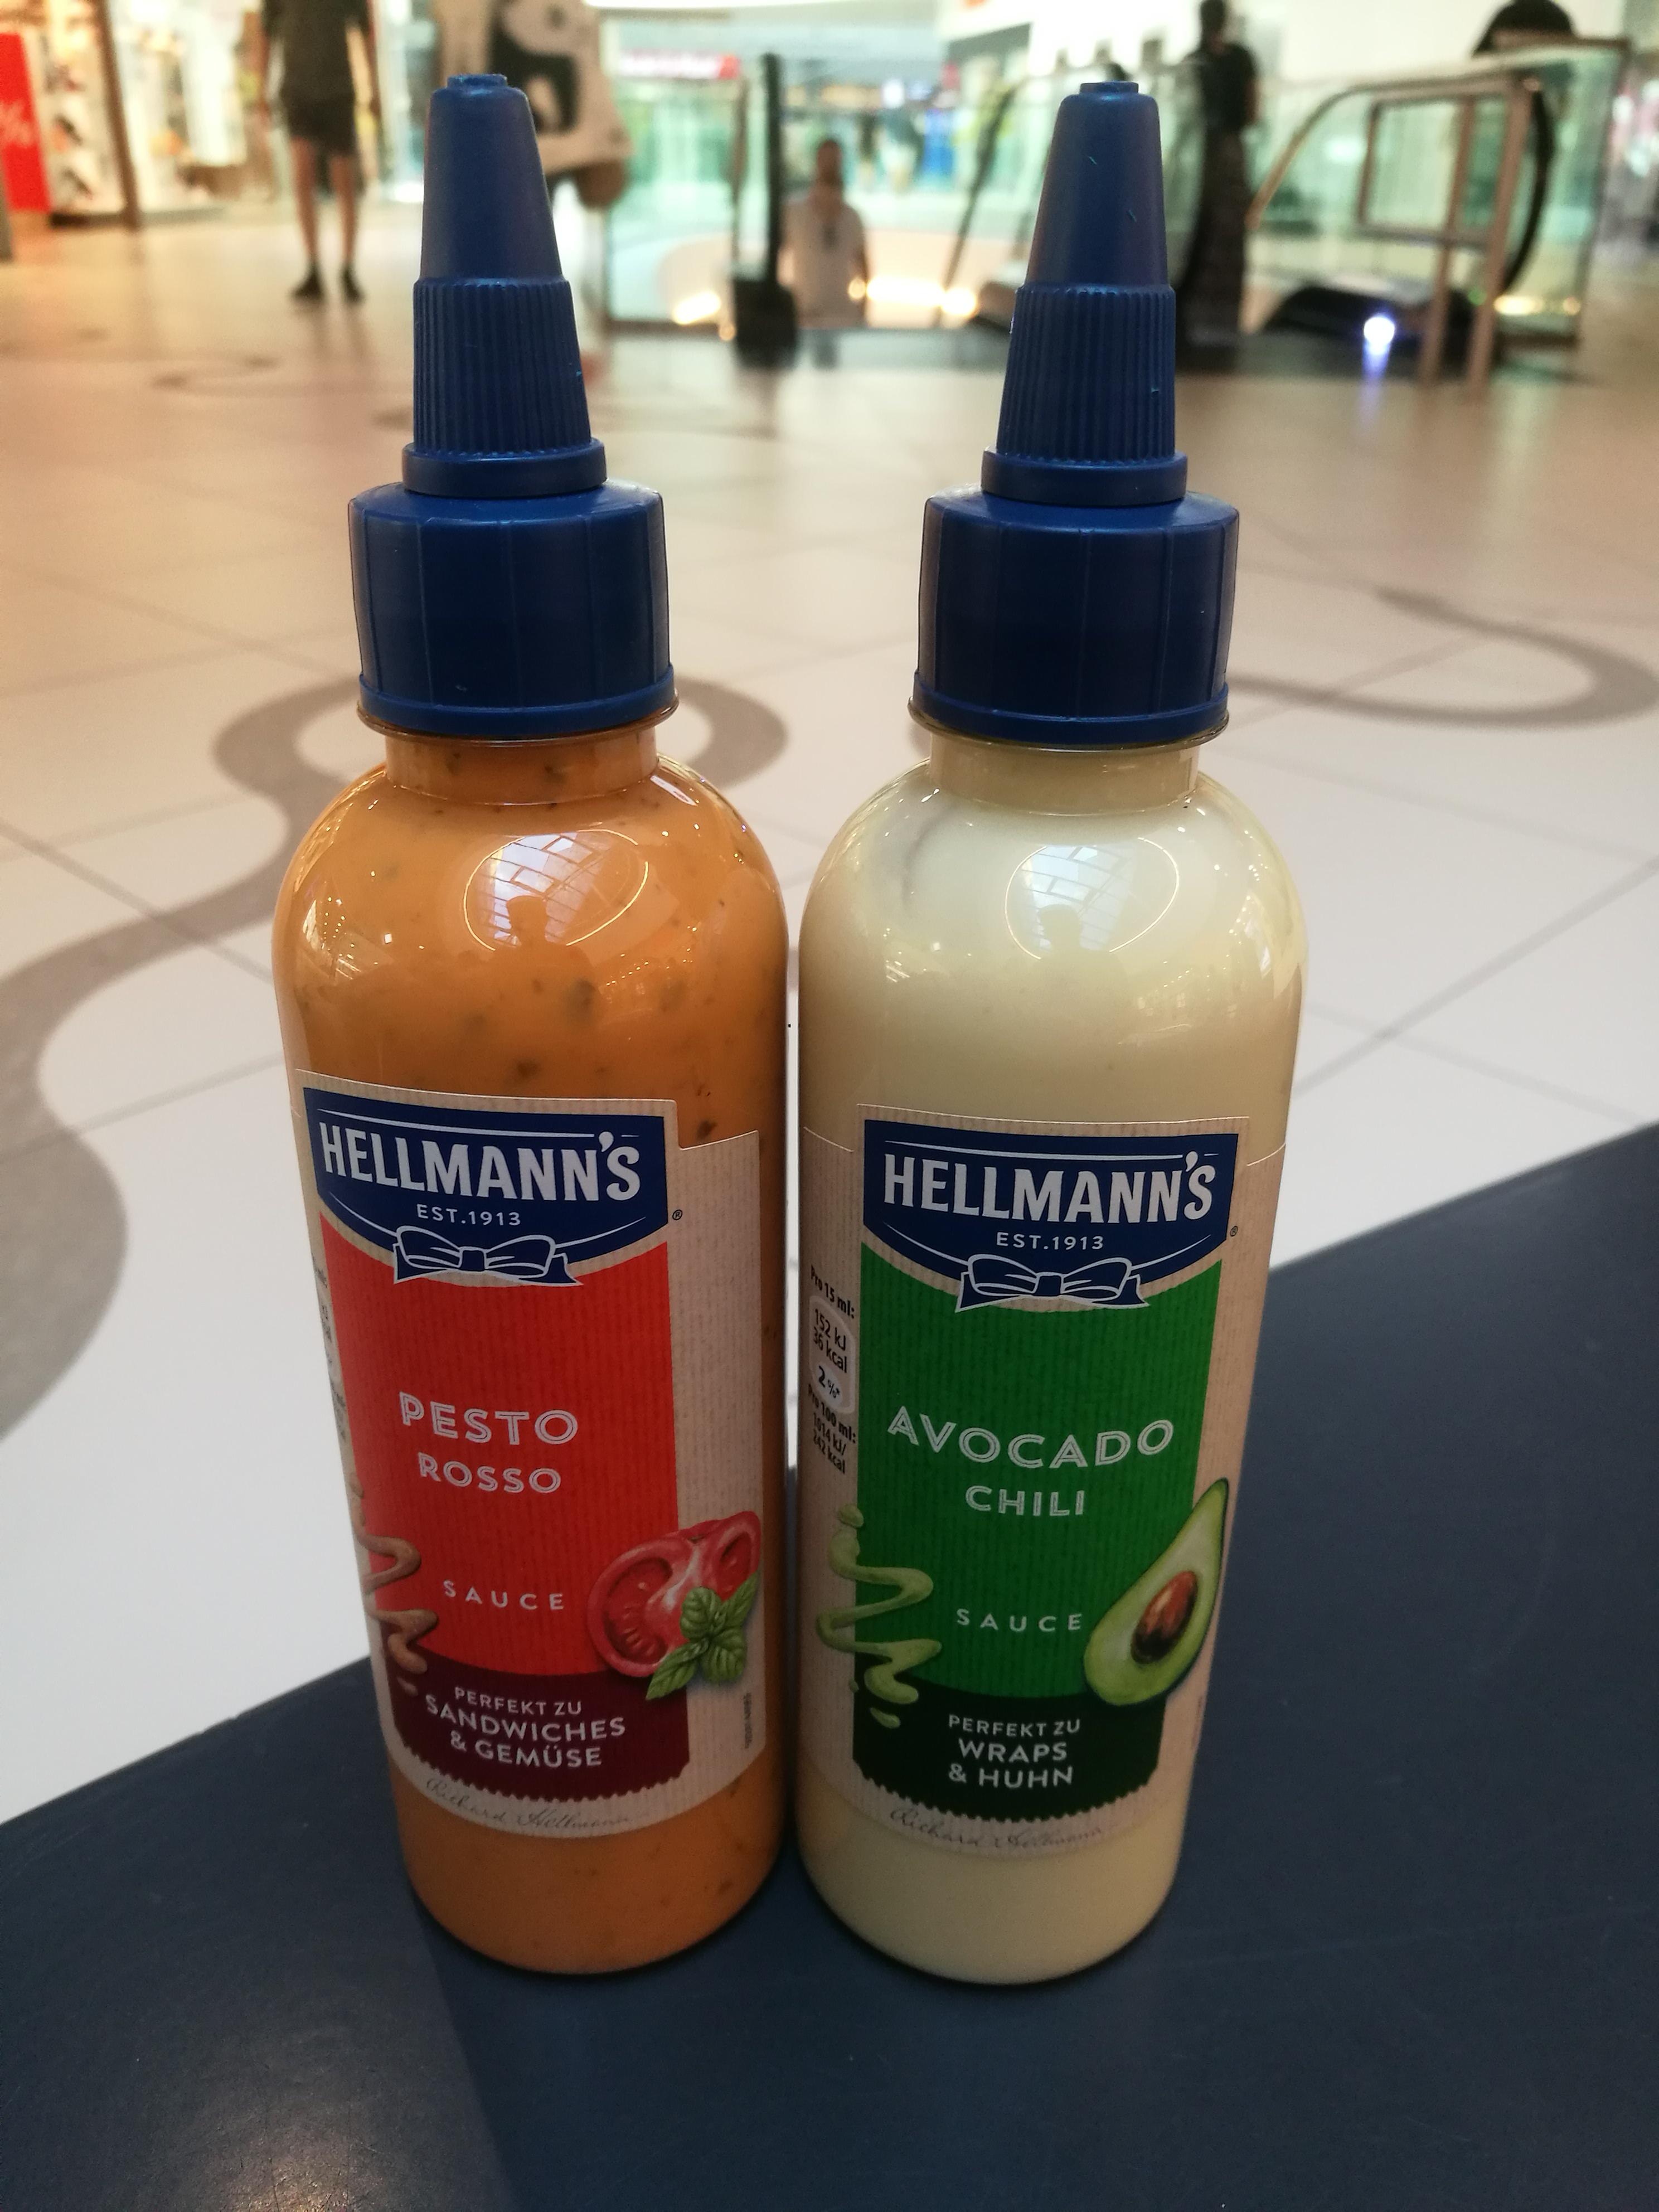 [Wien Mitte] Gratis Grillsaucen - Hellmann's